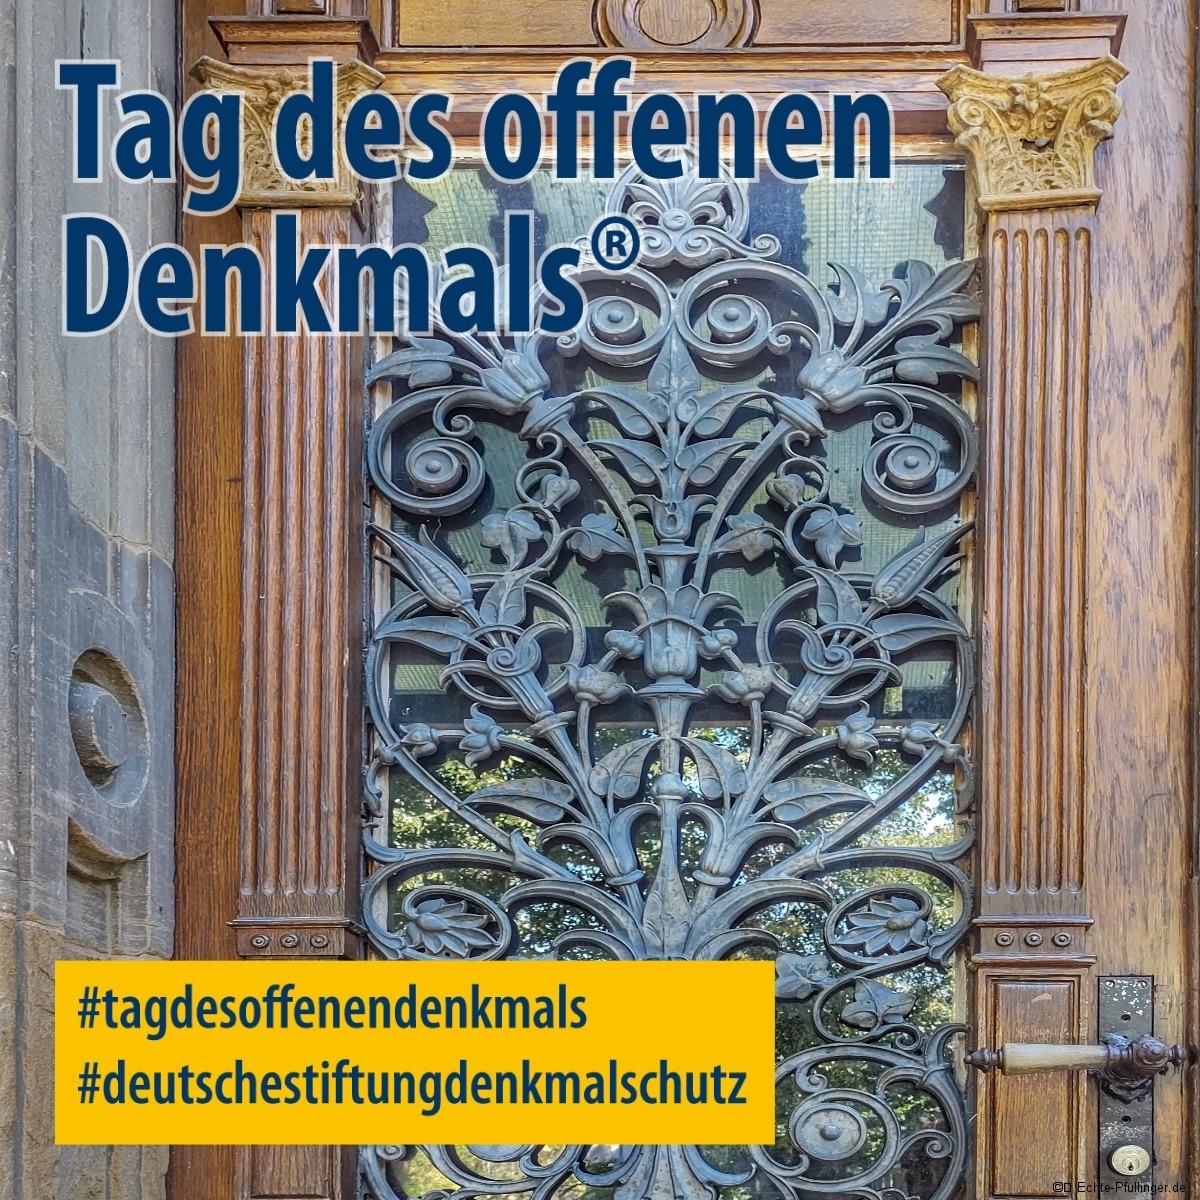 IMG_20210902_142444639-01-tag_des_offenen_denkmals-facebook